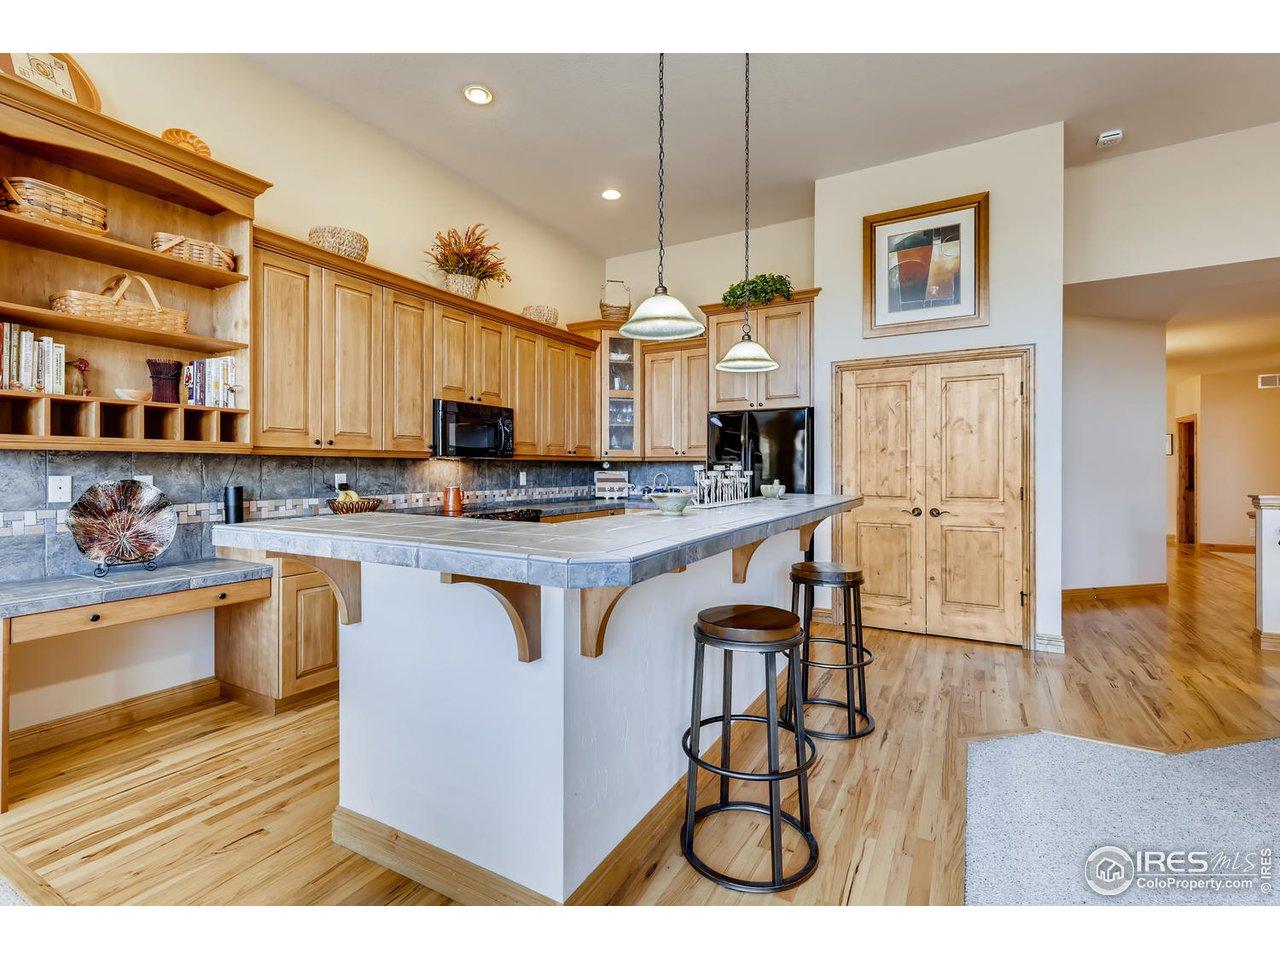 Kitchen-Alder Cabinets & Hickory Floors